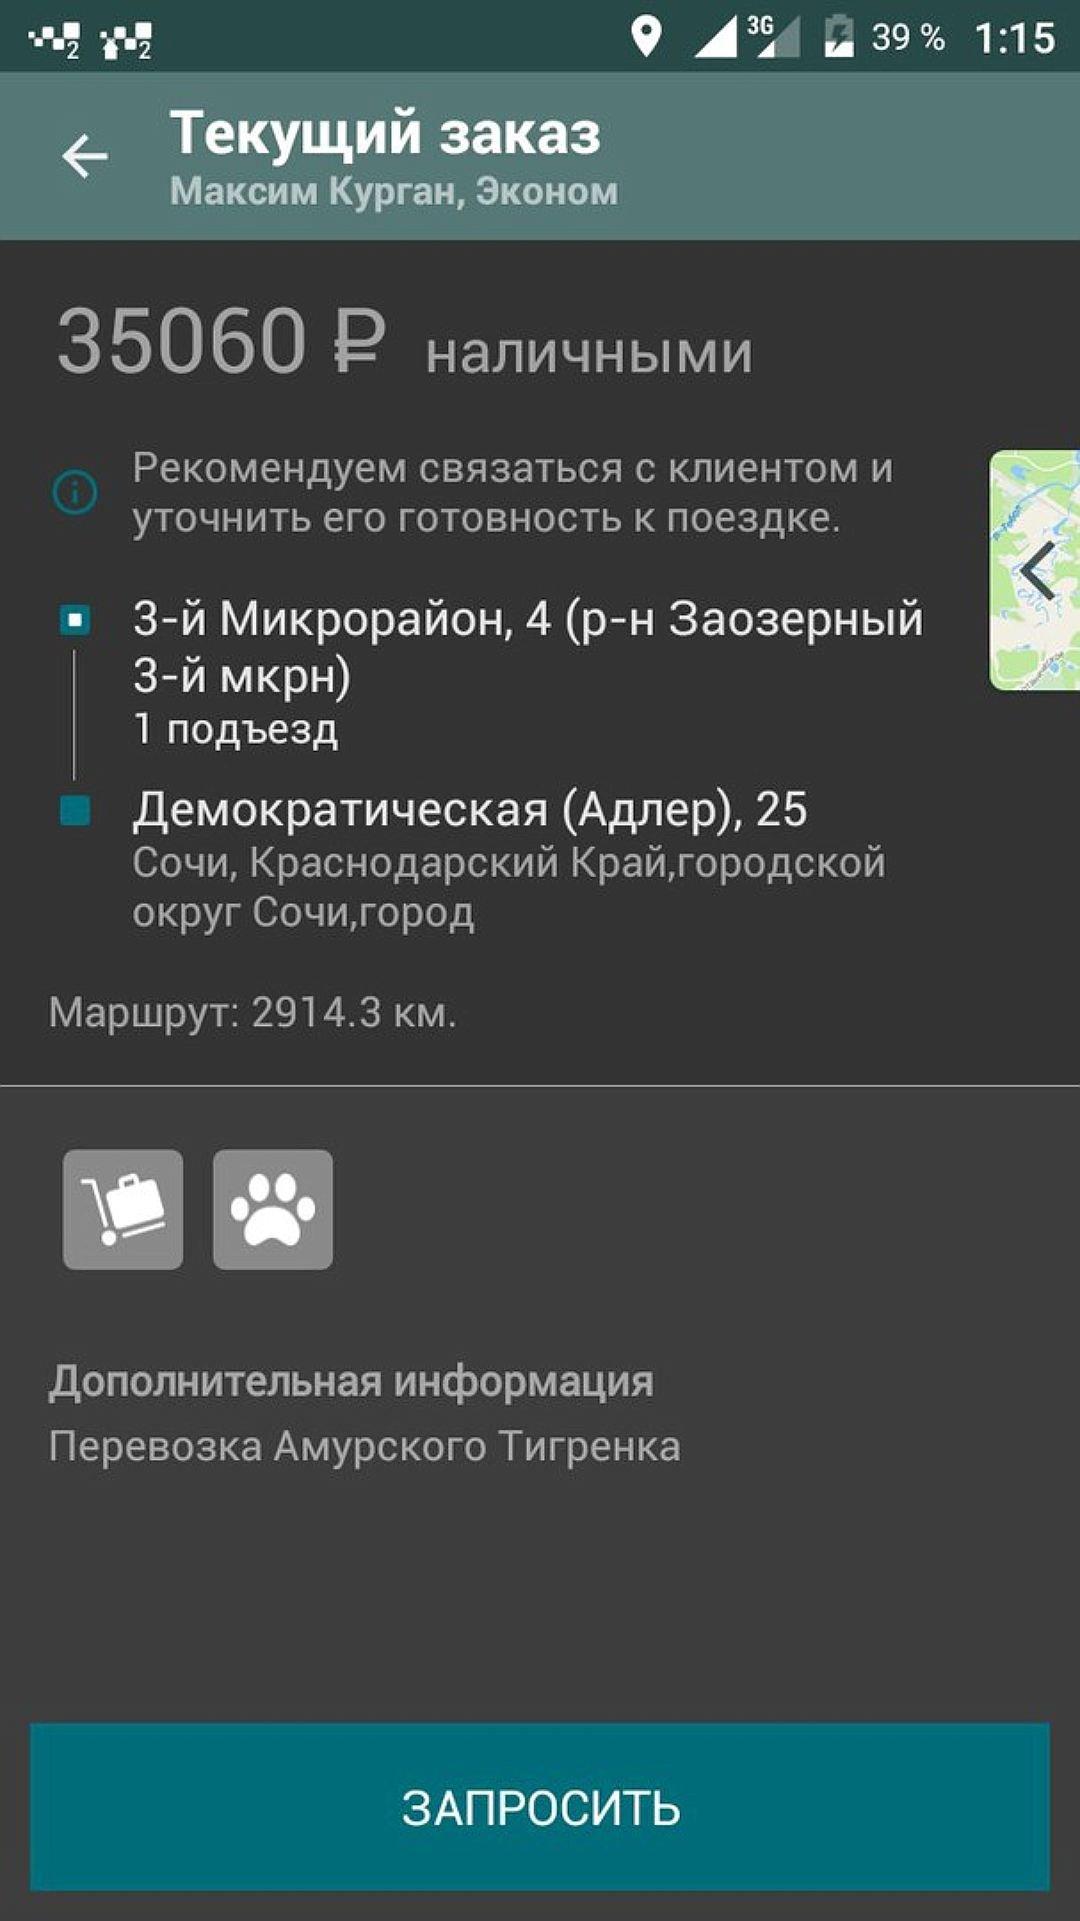 стоимость такси от москвы до малаховки